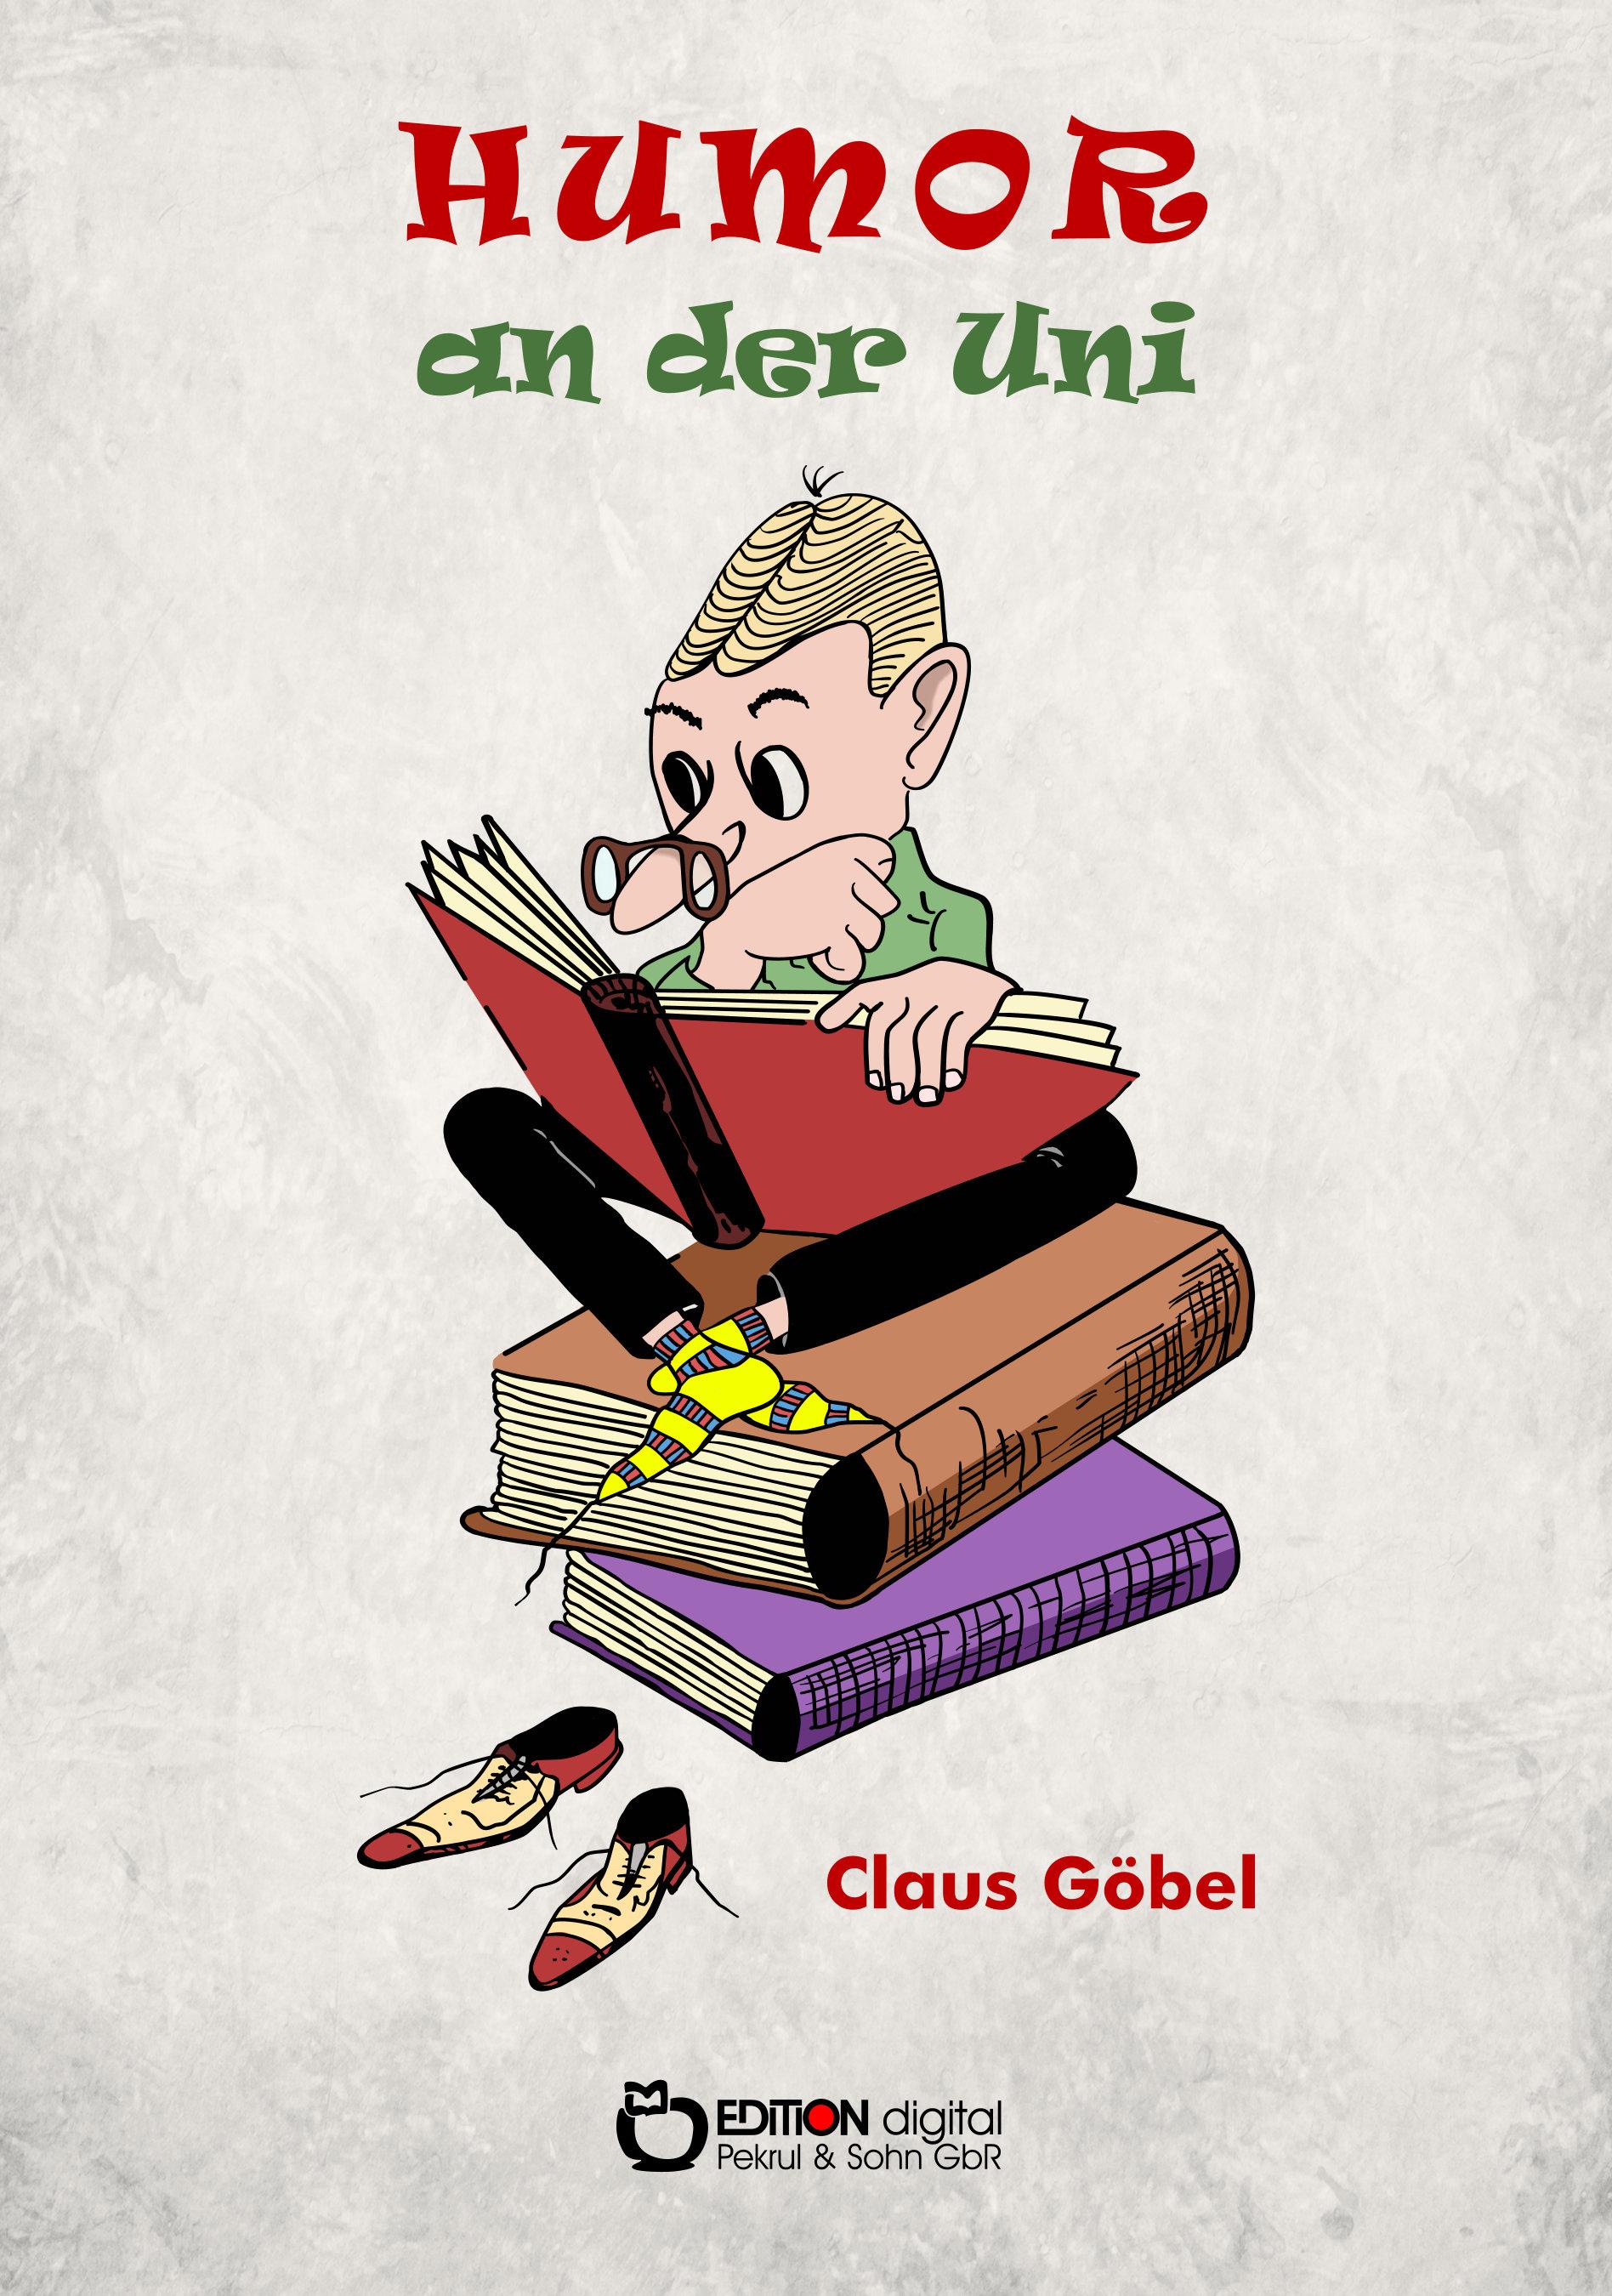 Humor an der Uni von Claus Göbel